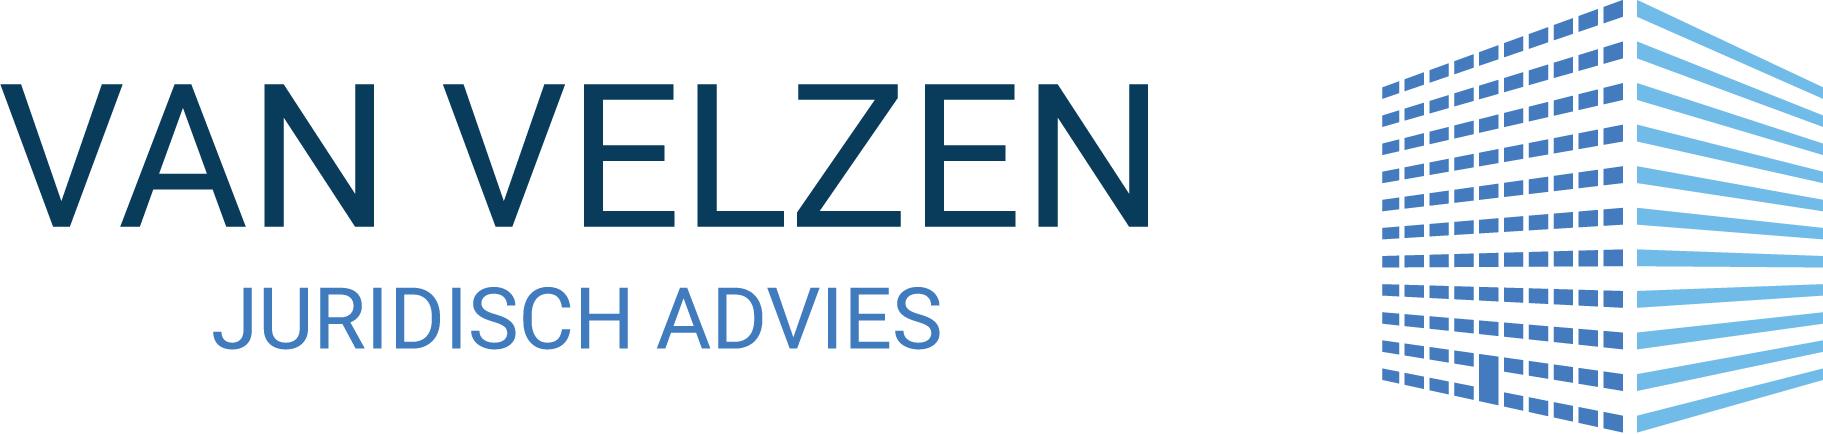 Van Velzen | Juridisch advies